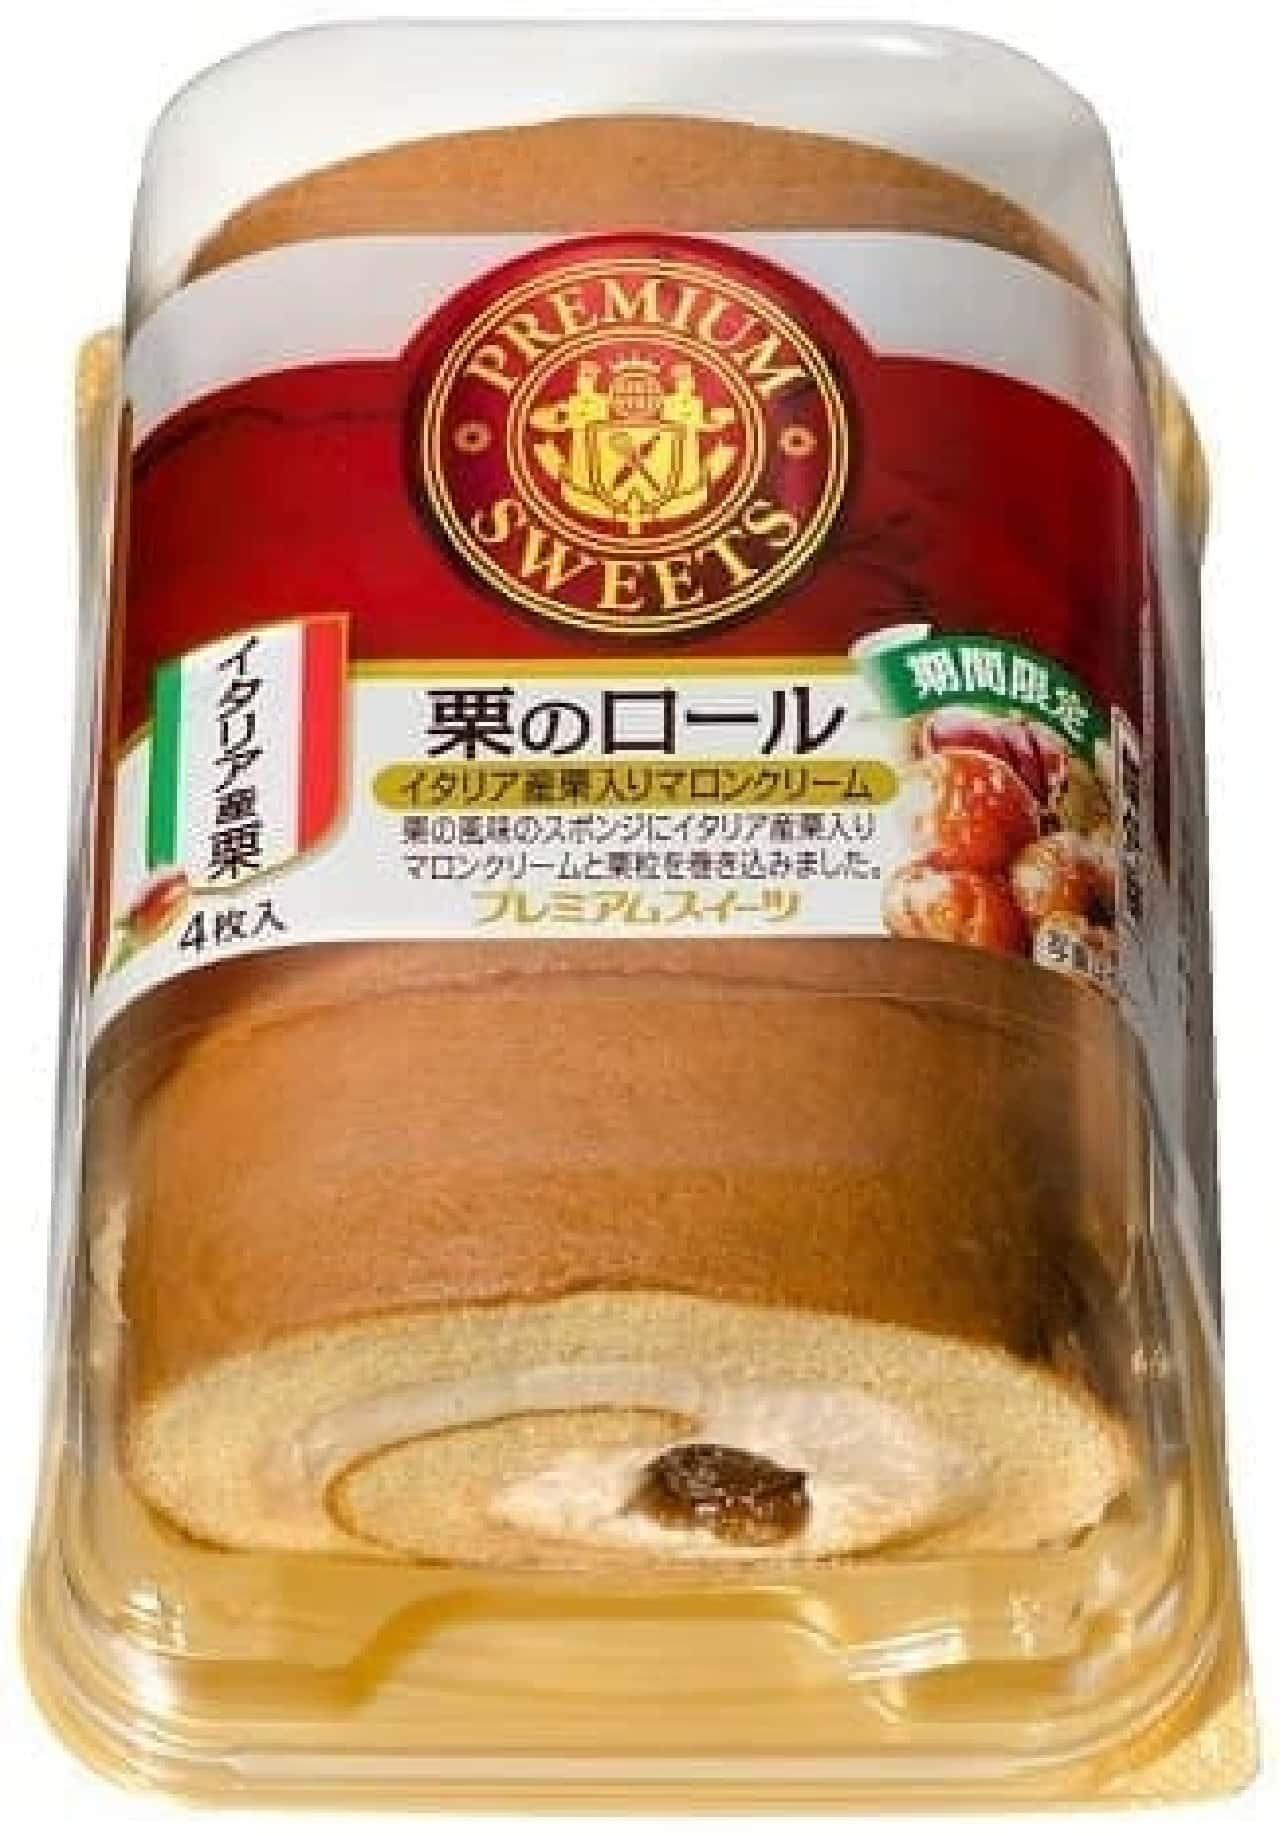 山崎製パン「栗のロール(イタリア産栗入りマロンクリーム)」